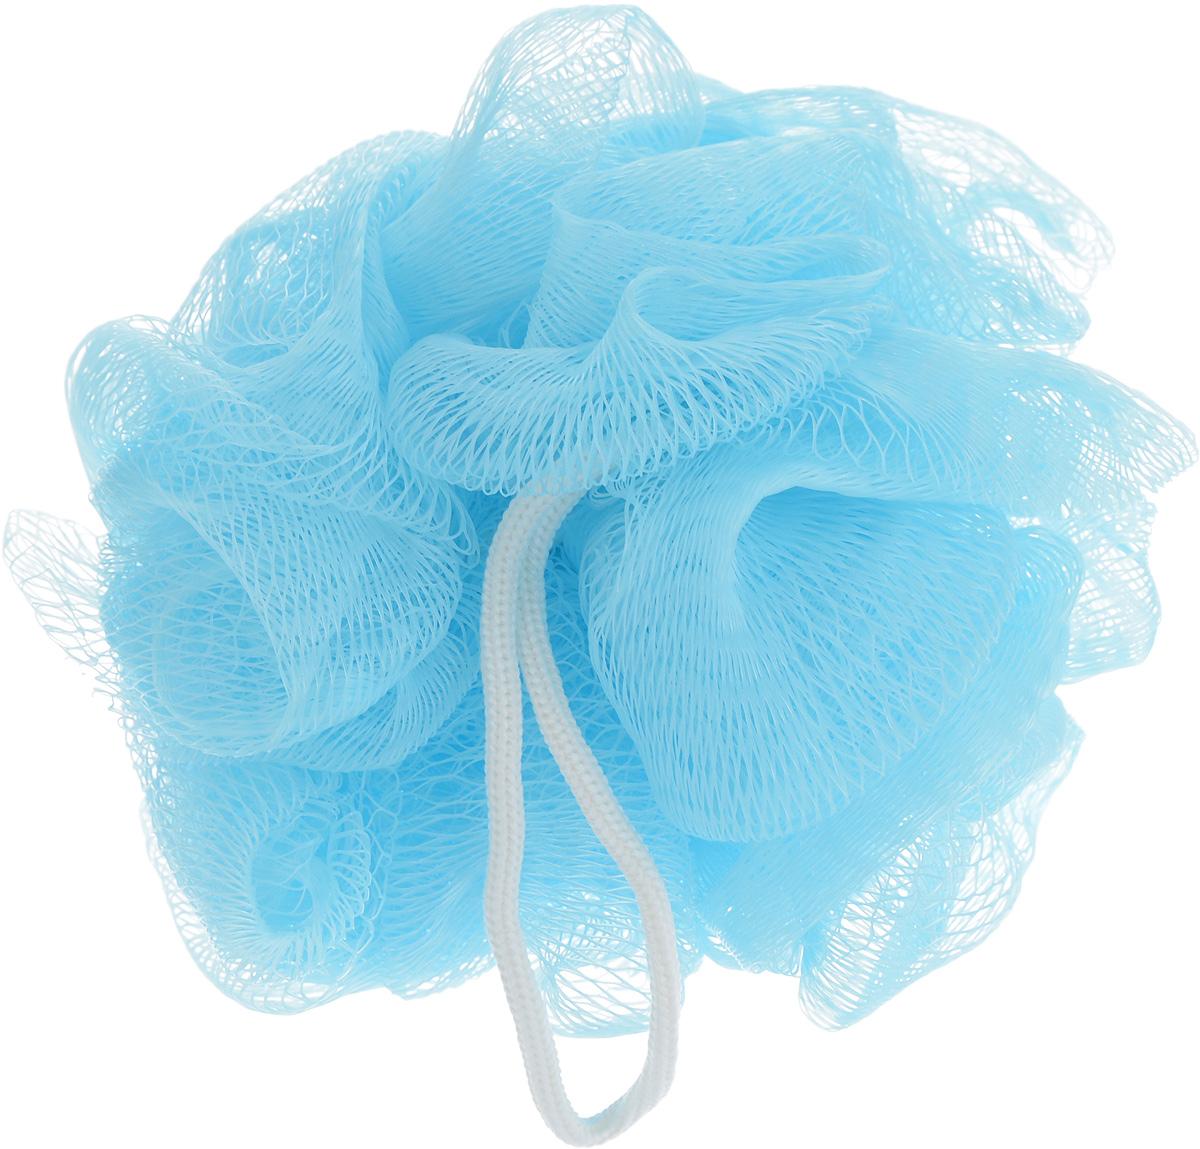 Мочалка The Body Time, цвет: голубой501Мочалка The Body Time, выполненная из нейлона,предназначена для мягкого очищения кожи. Она станетнезаменимым аксессуаром ванной комнаты. Мочалкаотлично пенится, обладает легким массажнымвоздействием, идеально подходит для нежной ичувствительной кожи.На мочалке имеется удобная петля для подвешивания. Диаметр: 10 см.